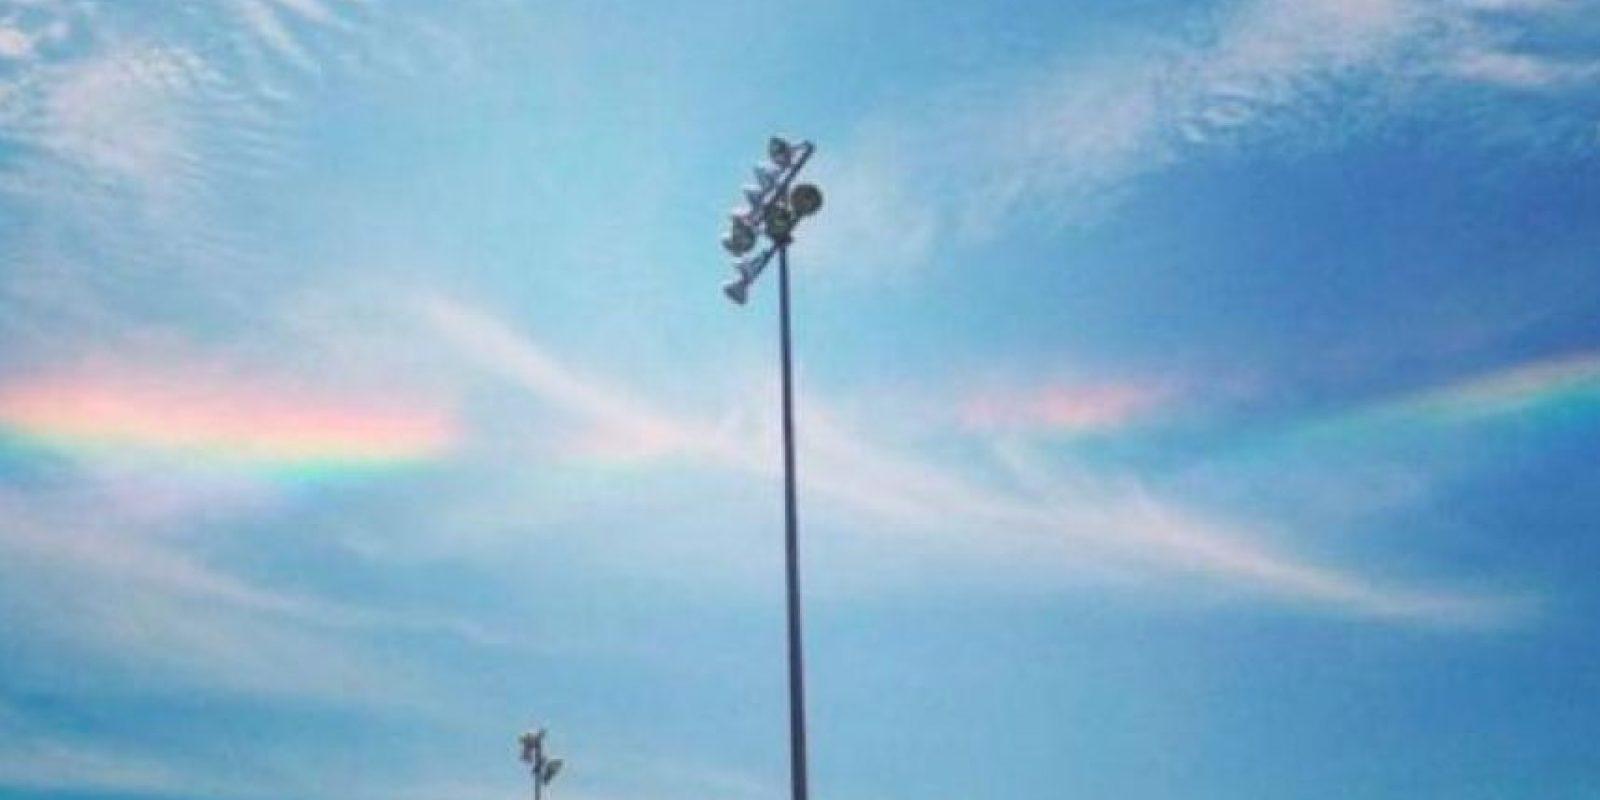 """""""Estas están sobrecargadas de cristales de hielo, que originan estas ondas de colores"""". Foto:facebook.com/TheWeatherChannel/photos"""